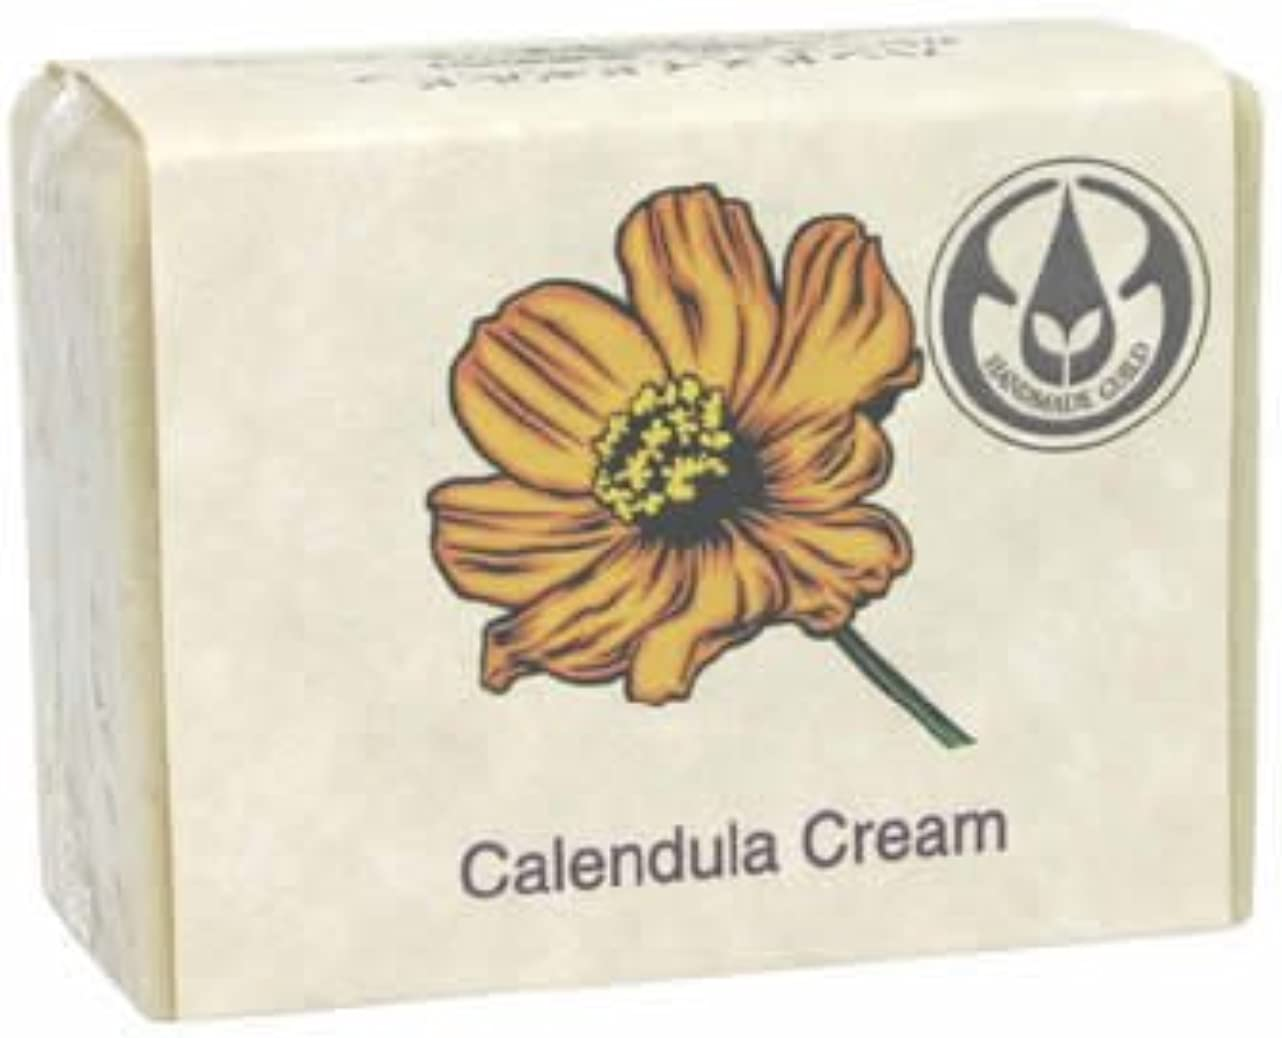 オープナーイヤホン銀河ジョン&ダイアナのハンドメイドソープ カレンデュラクリーム 90g